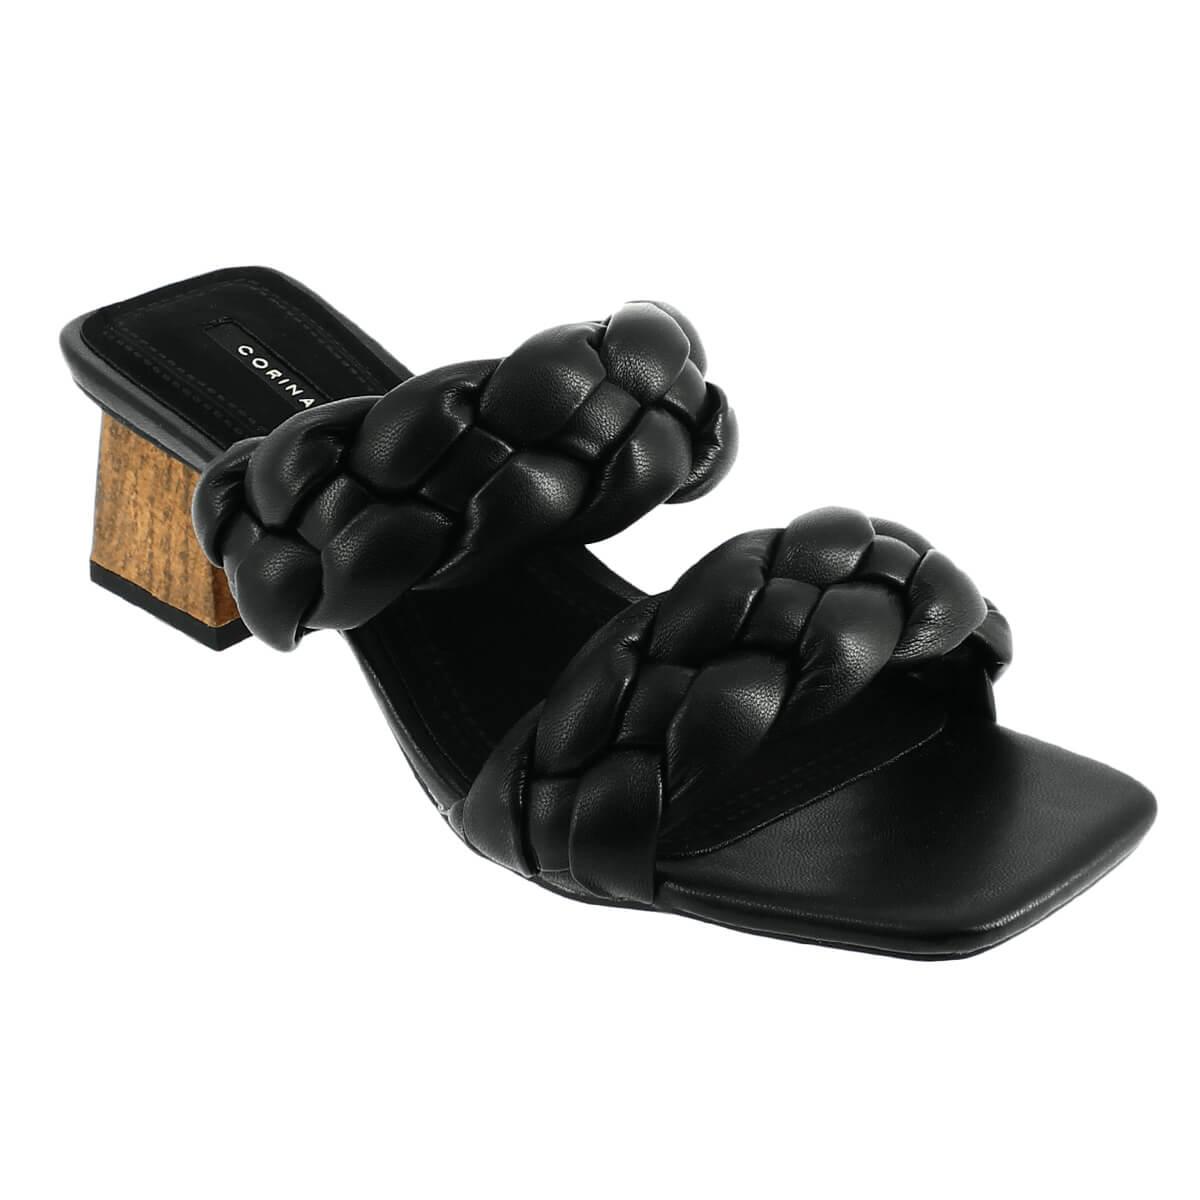 IQSHOES 107.C1251 Μαύρο Mule Γυναικείο - Μαύρο - 107.C1251BLACK-black-35/4/1/67 - IQShoes -